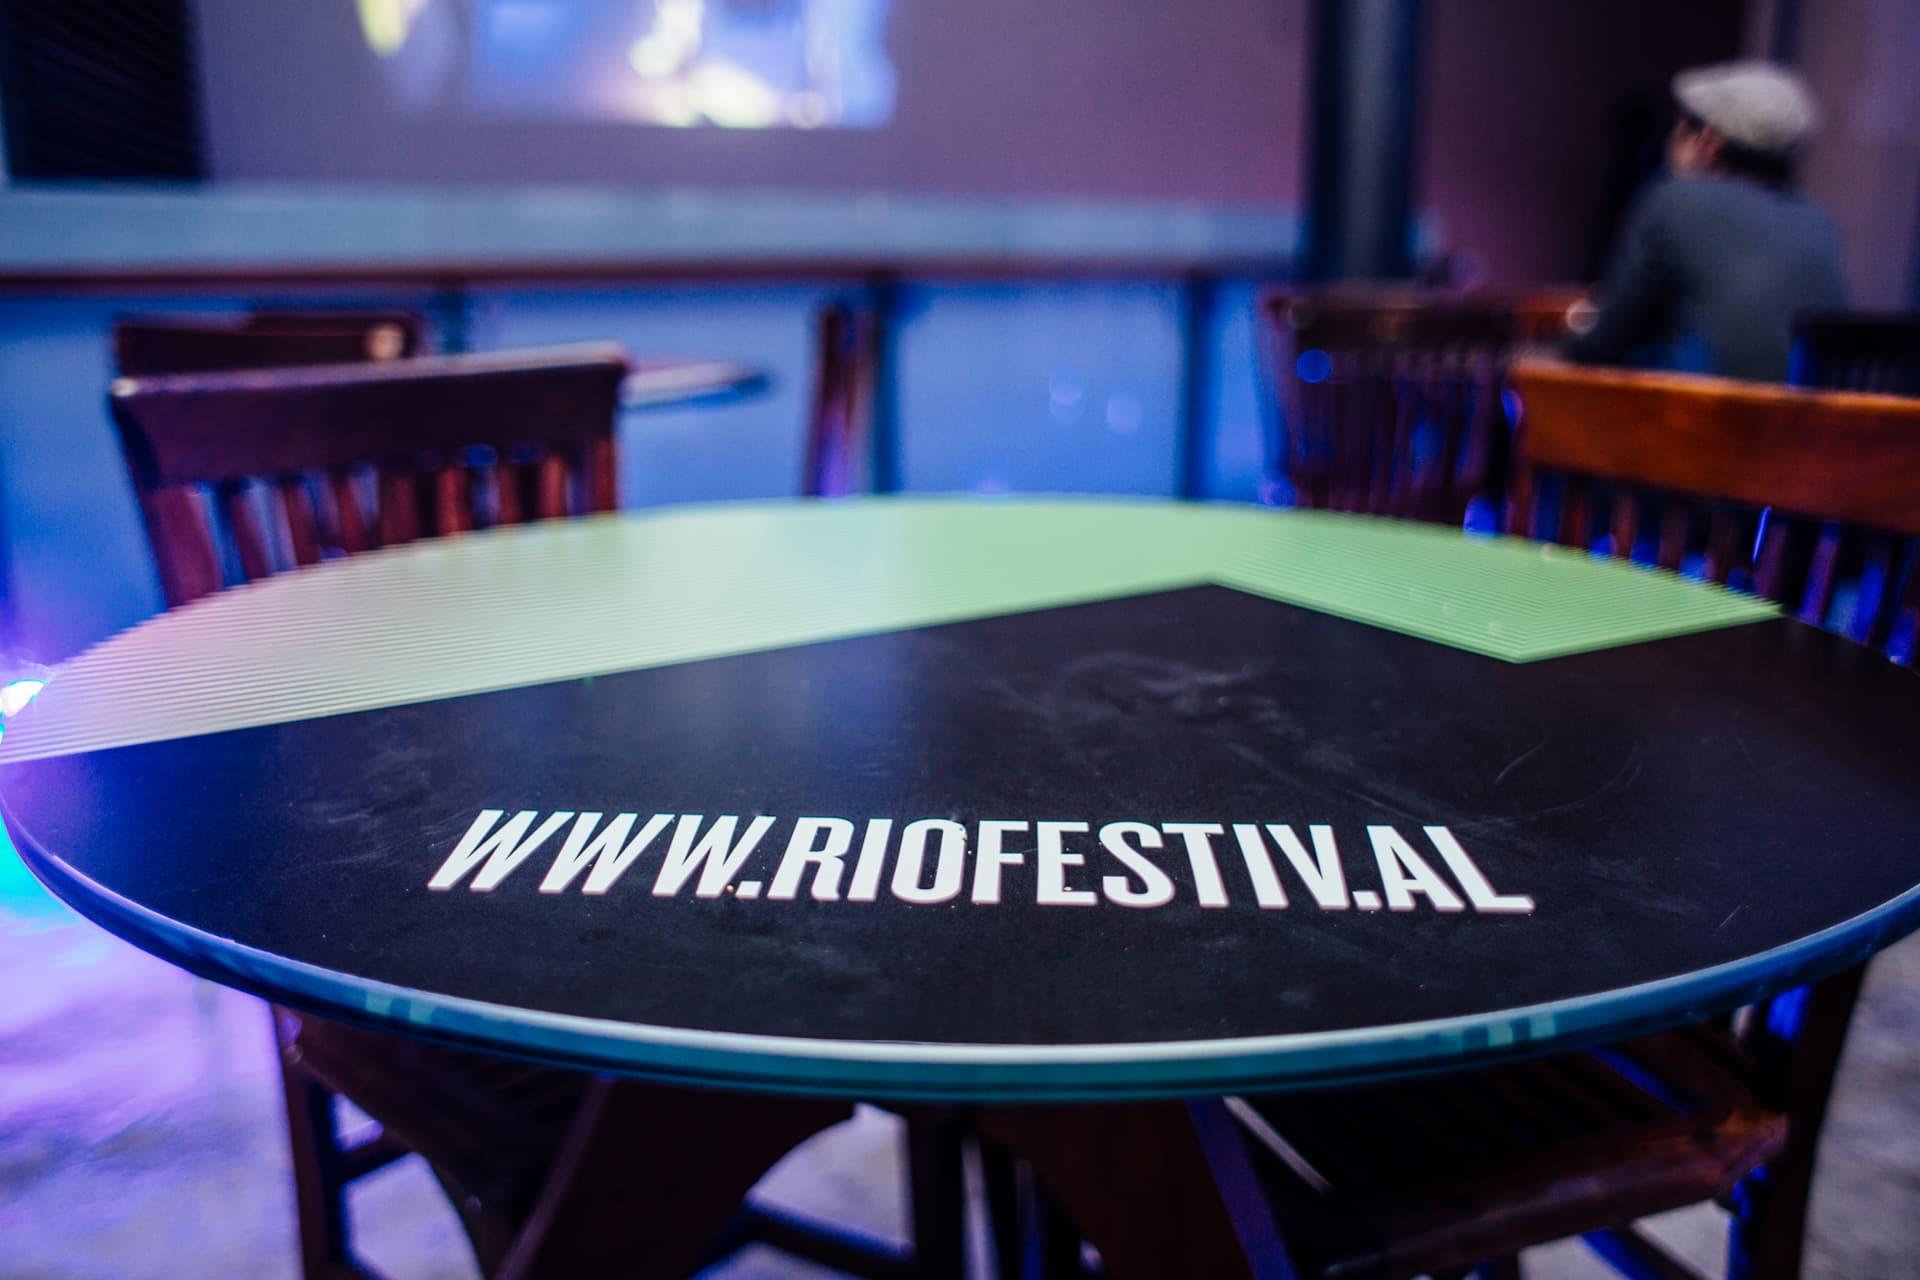 RIO_FESTIVAL_WEB-102